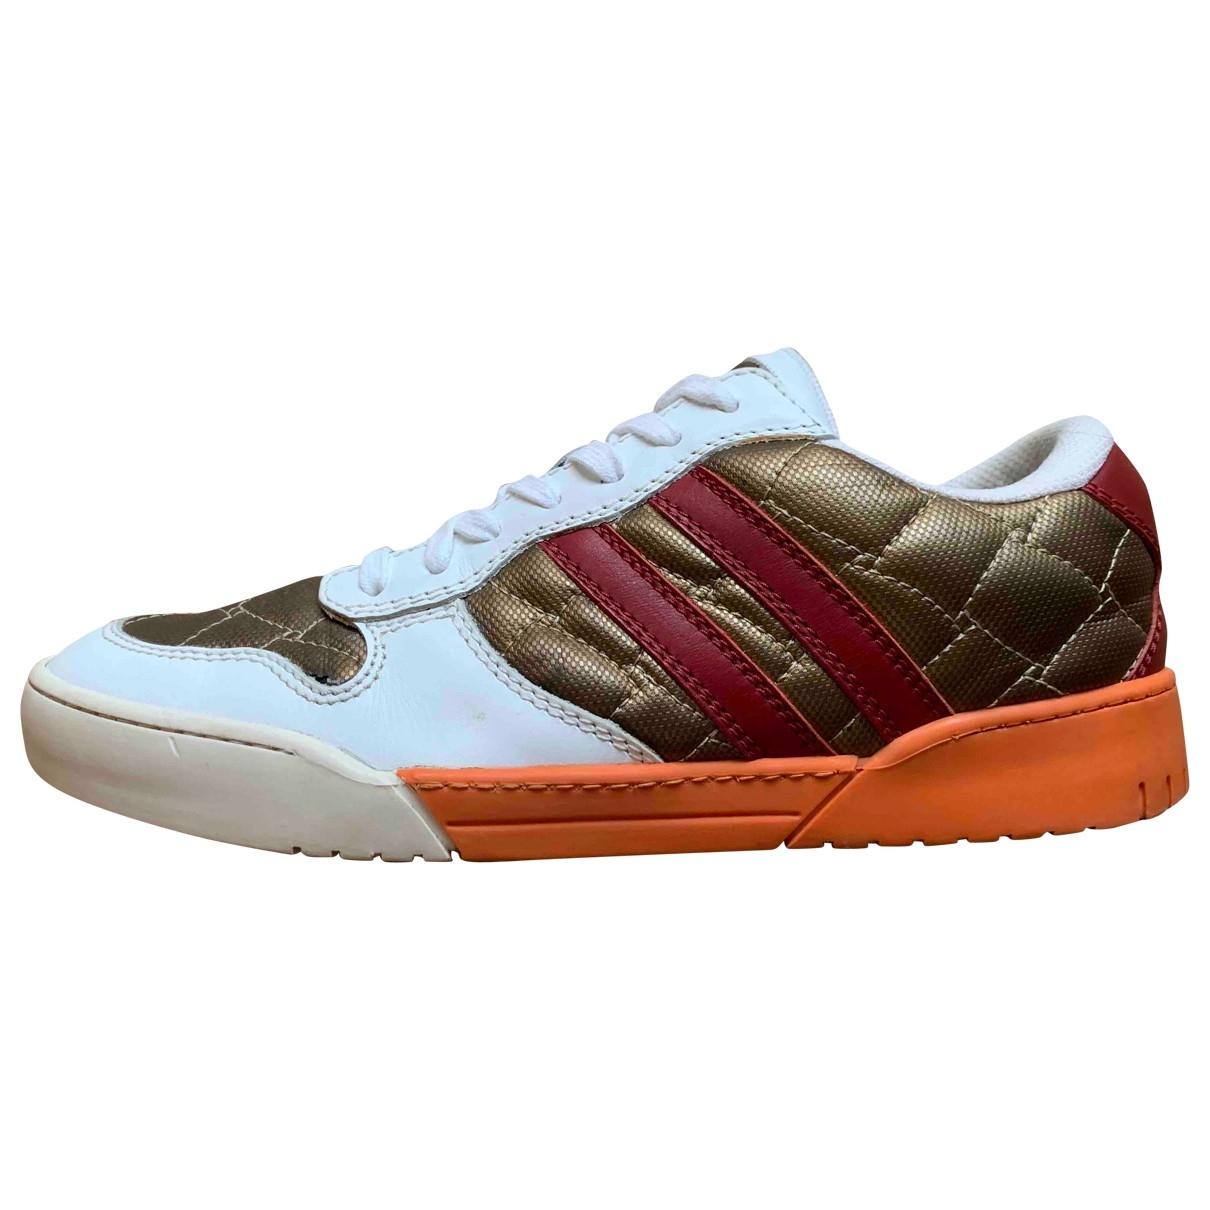 Bottega Veneta - Baskets   pour homme - multicolore